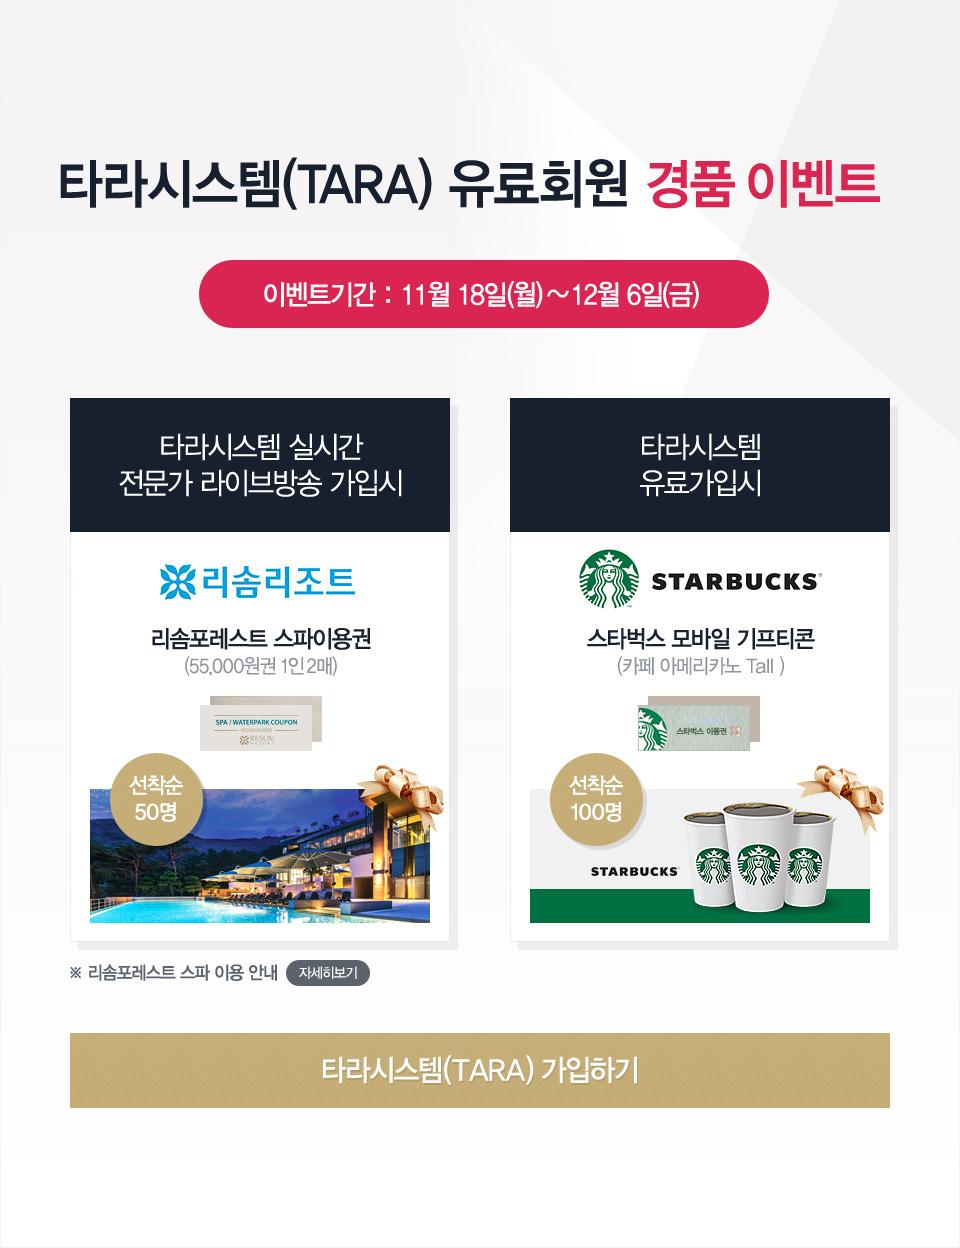 타라시스템(TARA) 유료회원 경품 이벤트. 이벤트기간 : 11월 18일(월) ~ 12월 6일(금)